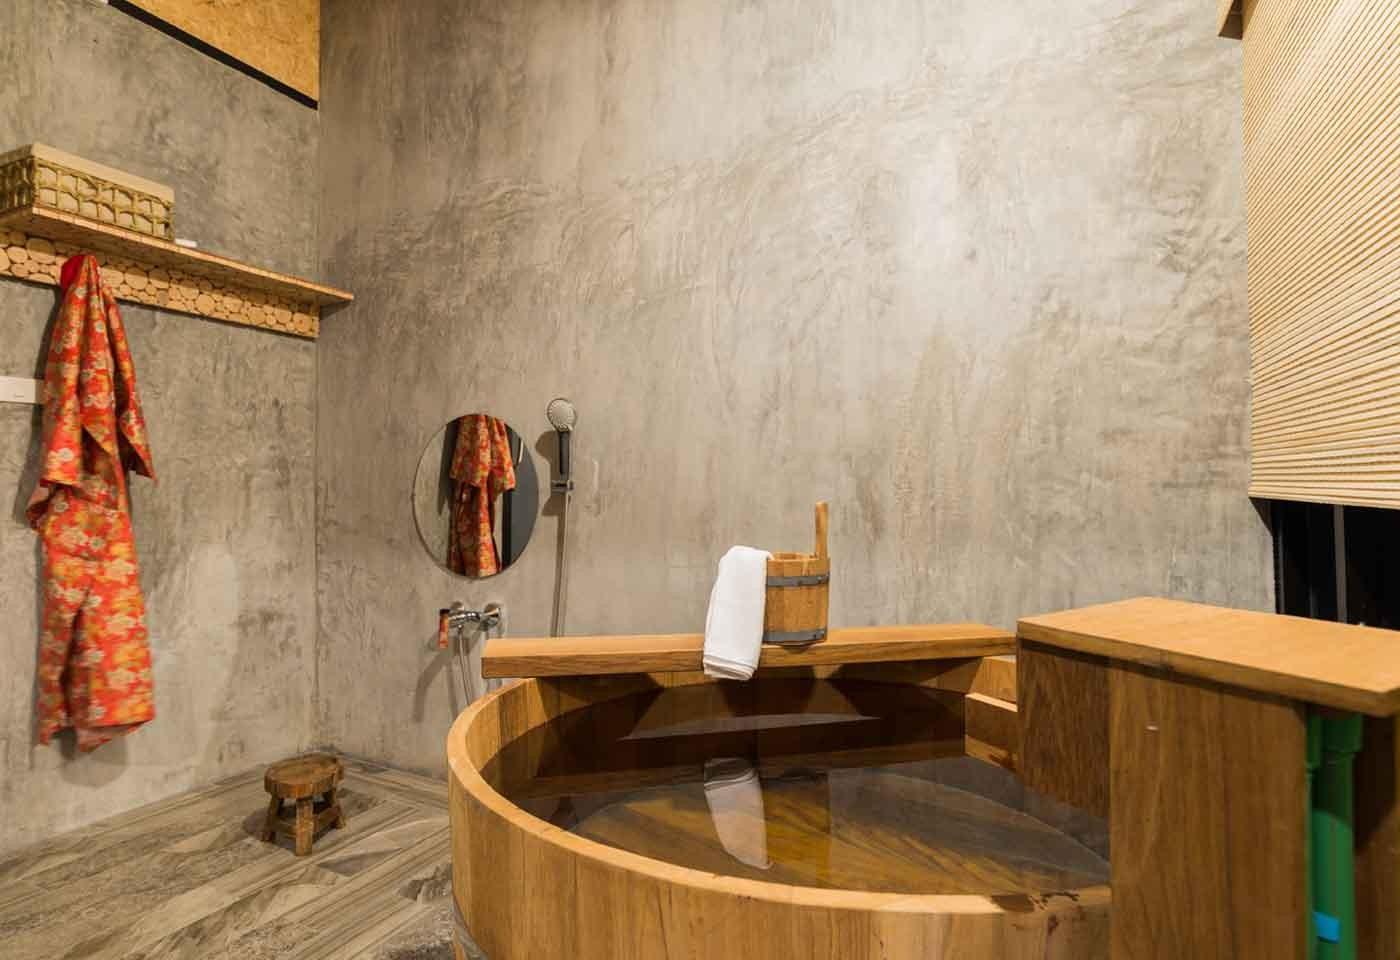 Vasca Da Bagno Stile Giapponese : Arredamento giapponese il design del sol levante curiosita